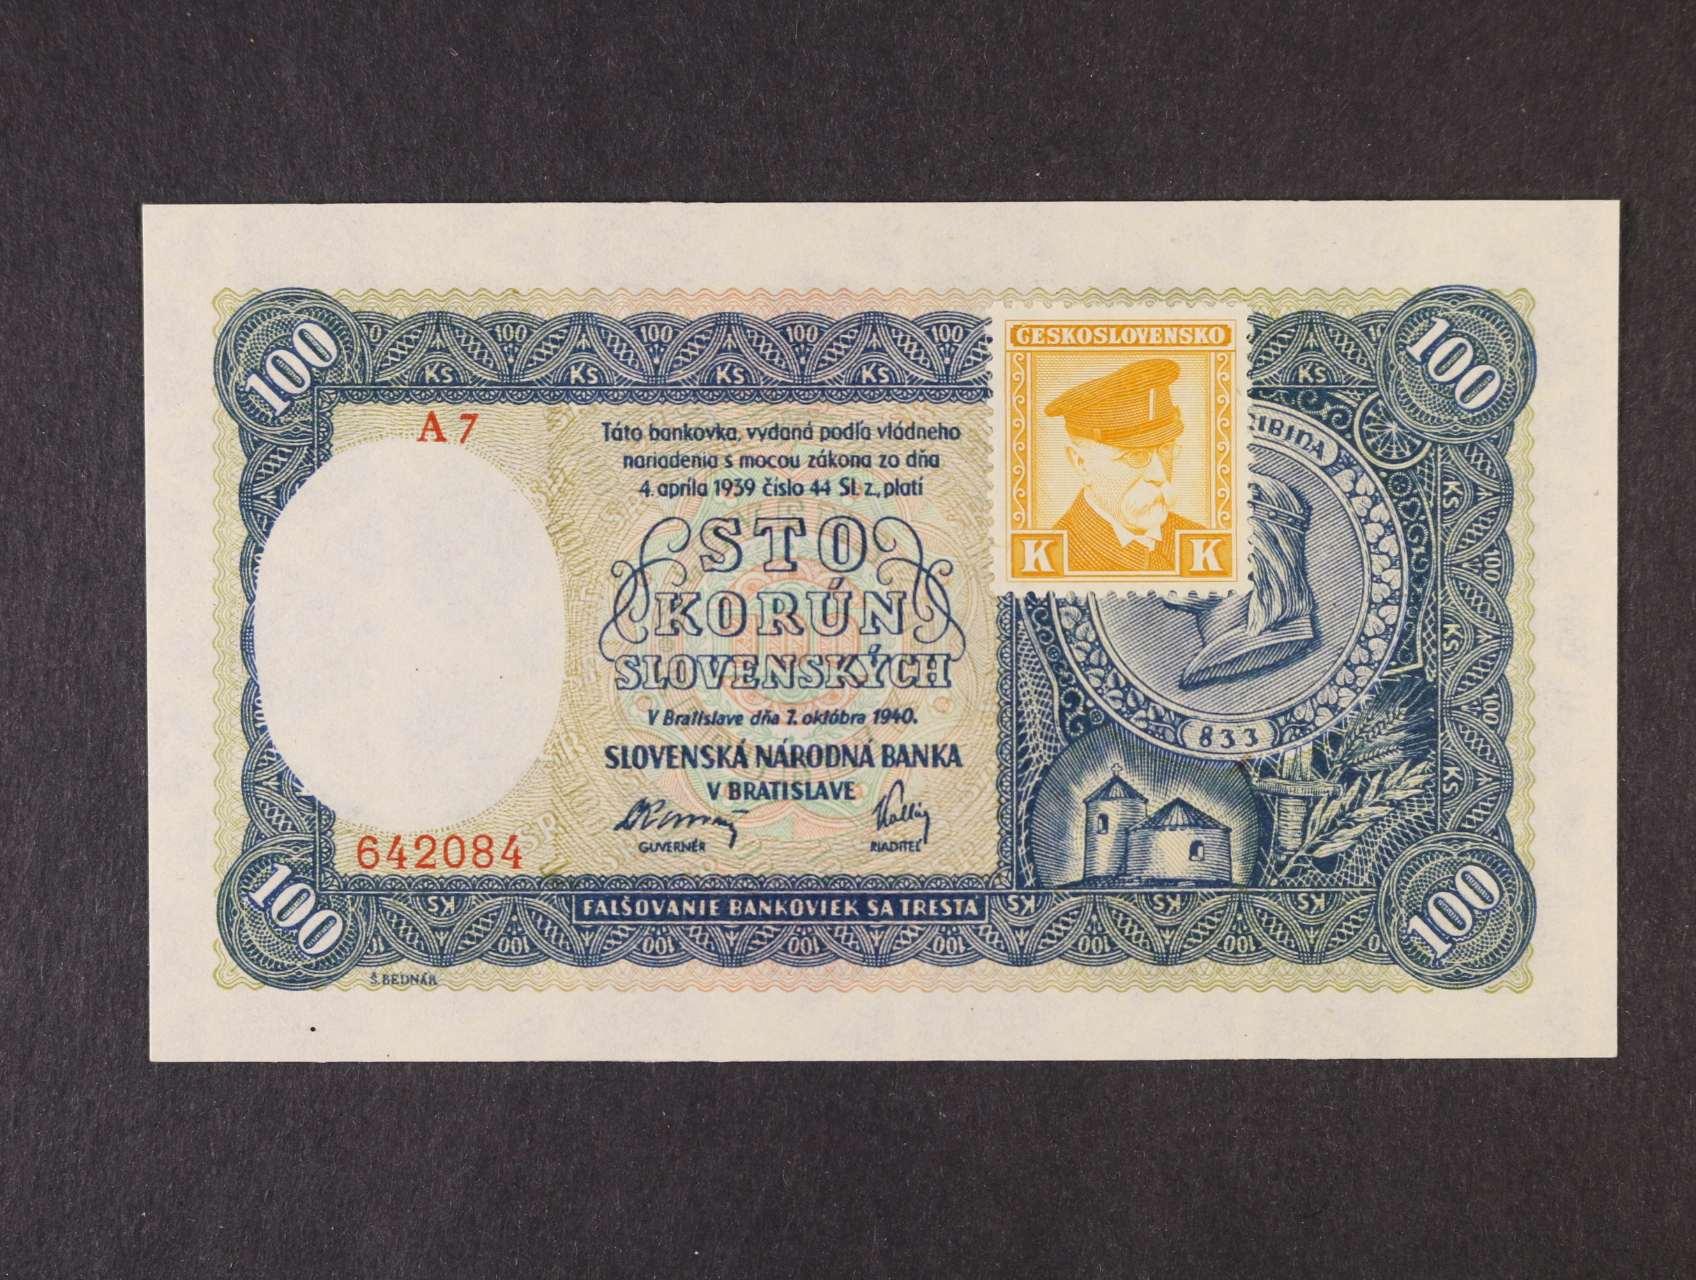 100 Ks 7.10.1940 série A 7 kolkovaná II.vydání, Ba. 63a, Pi. 52a